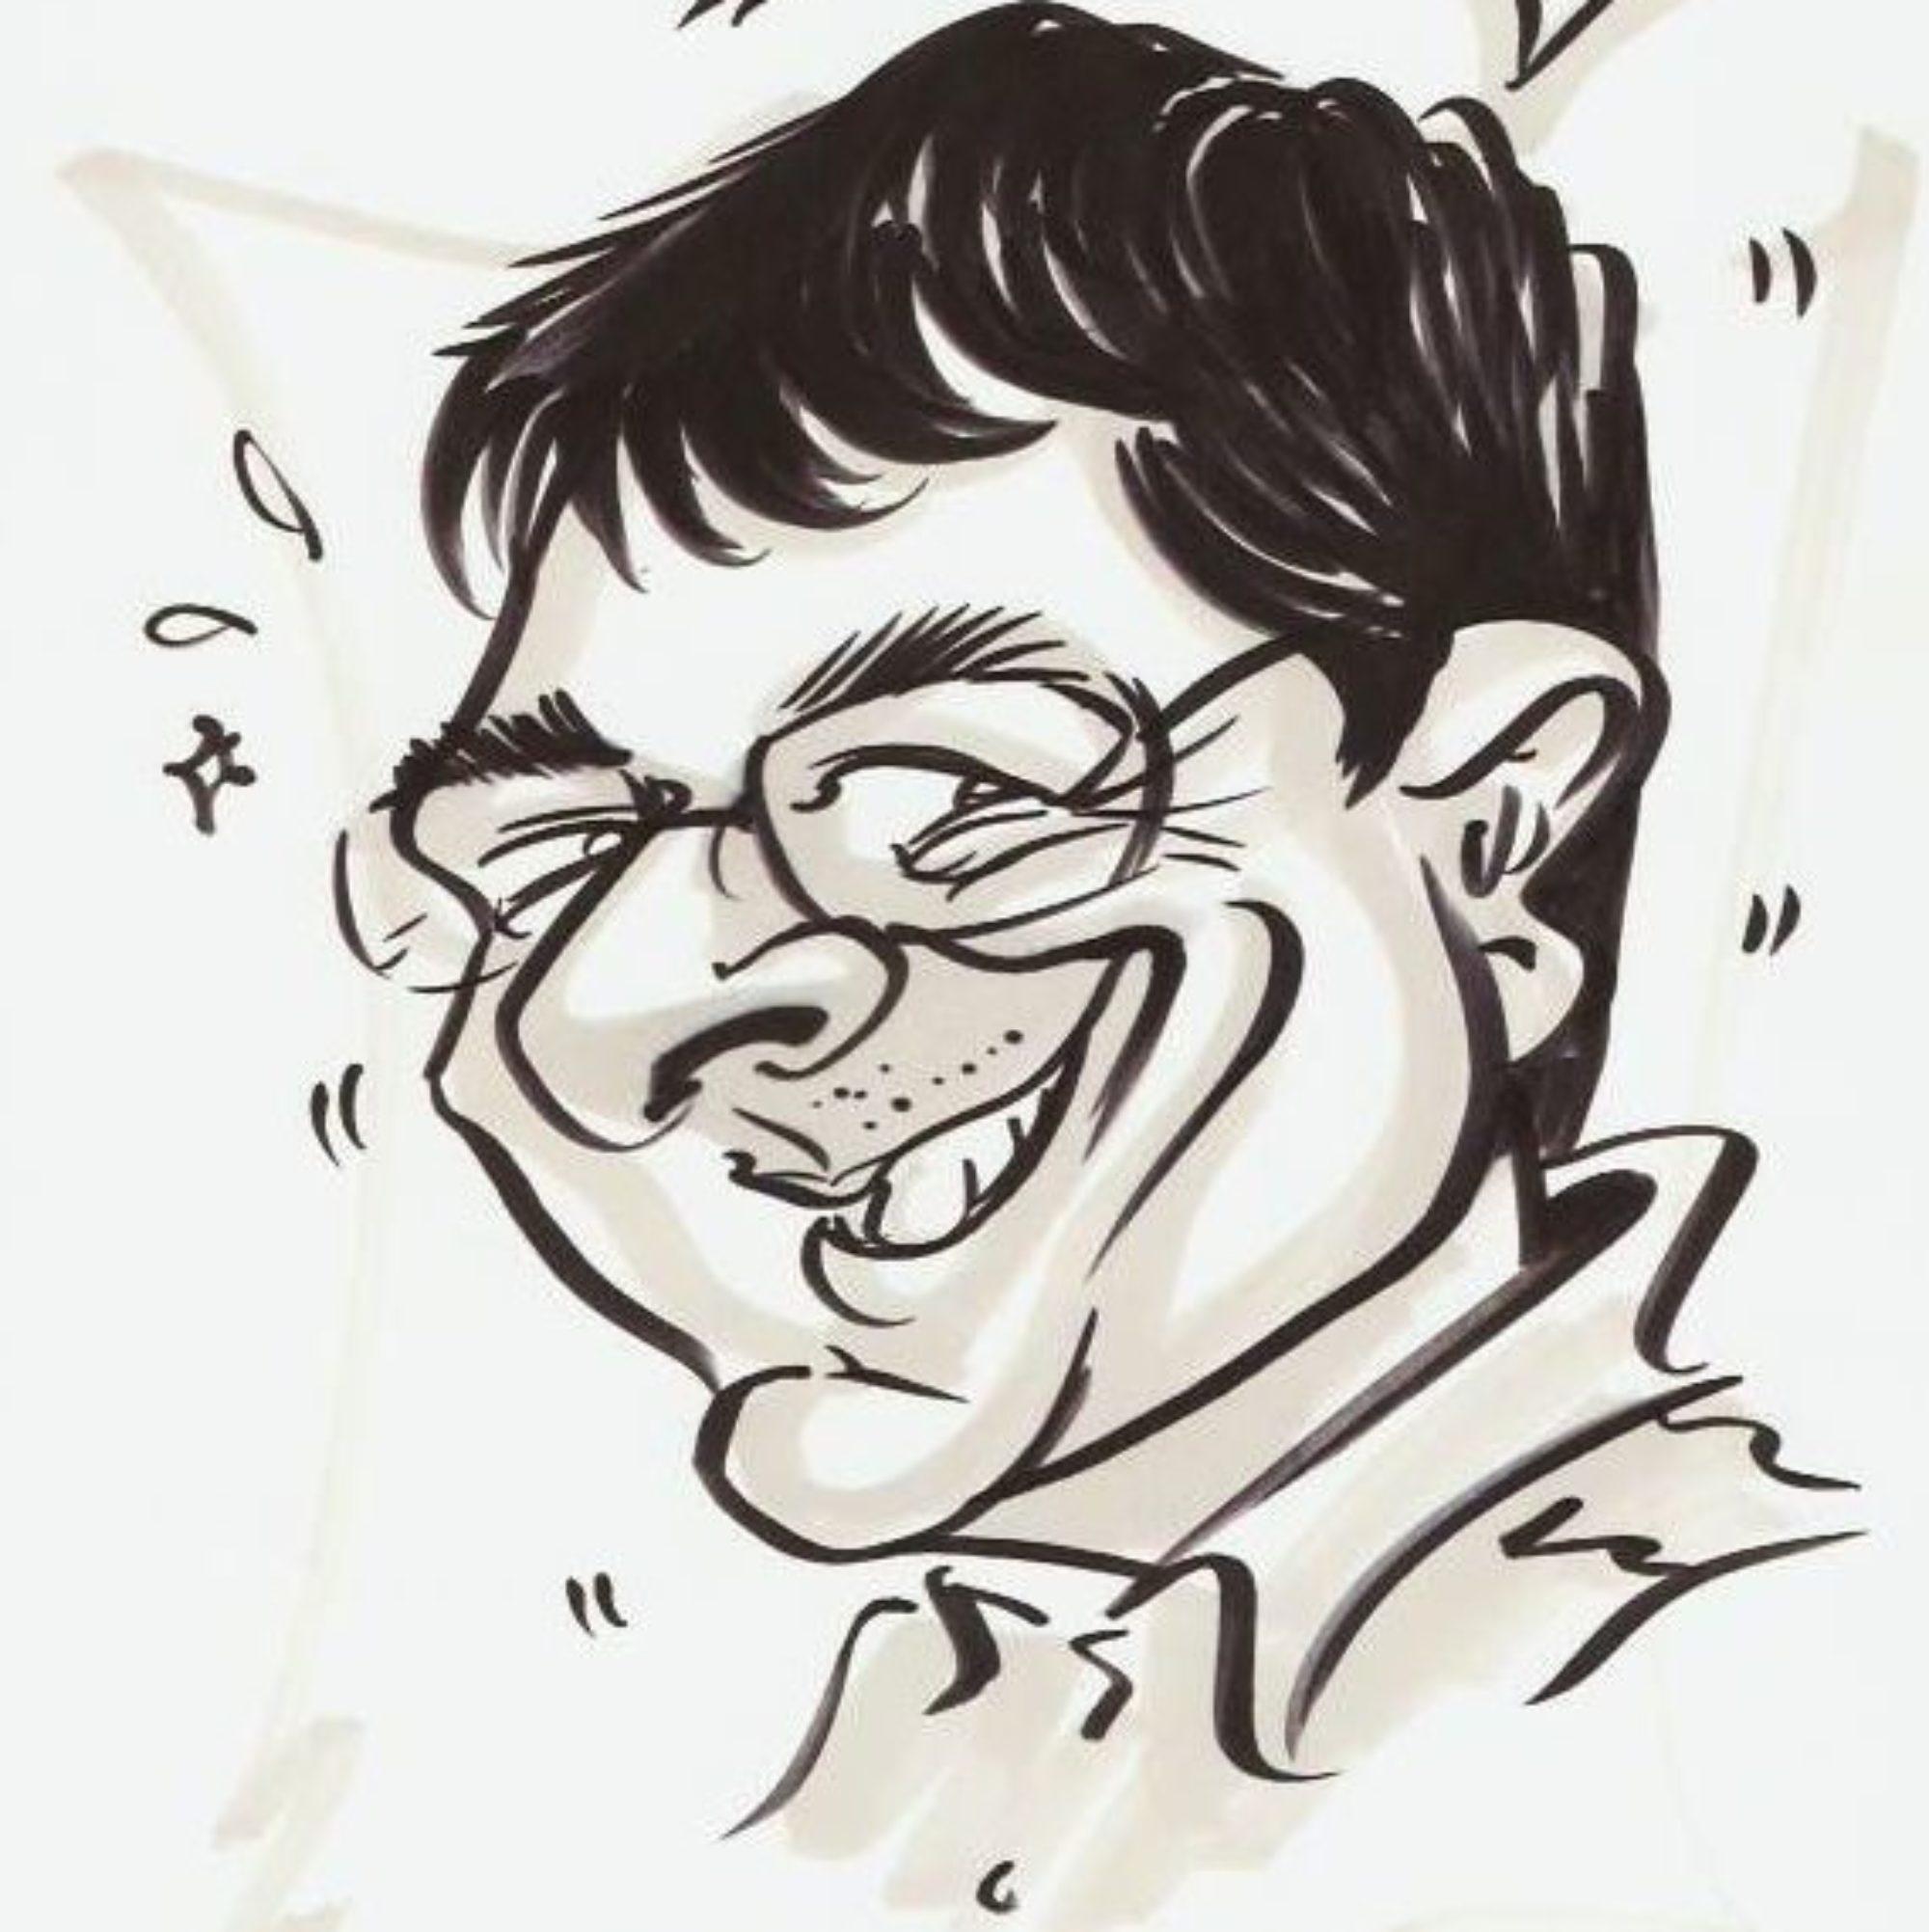 Ian Dent